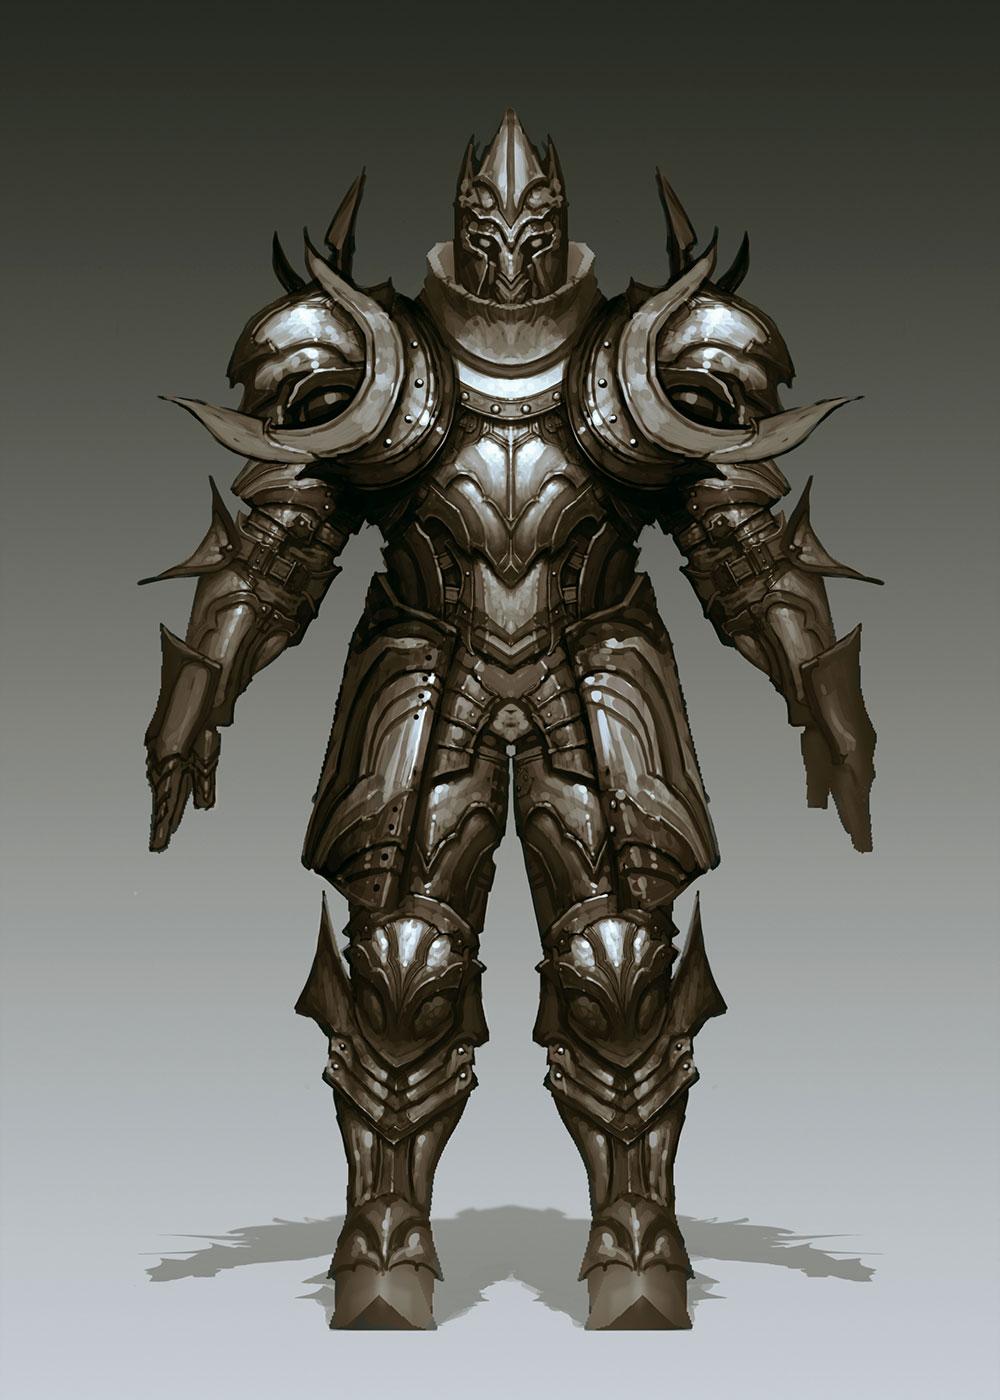 Crusader Armor Art Diablo Iii Art Gallery